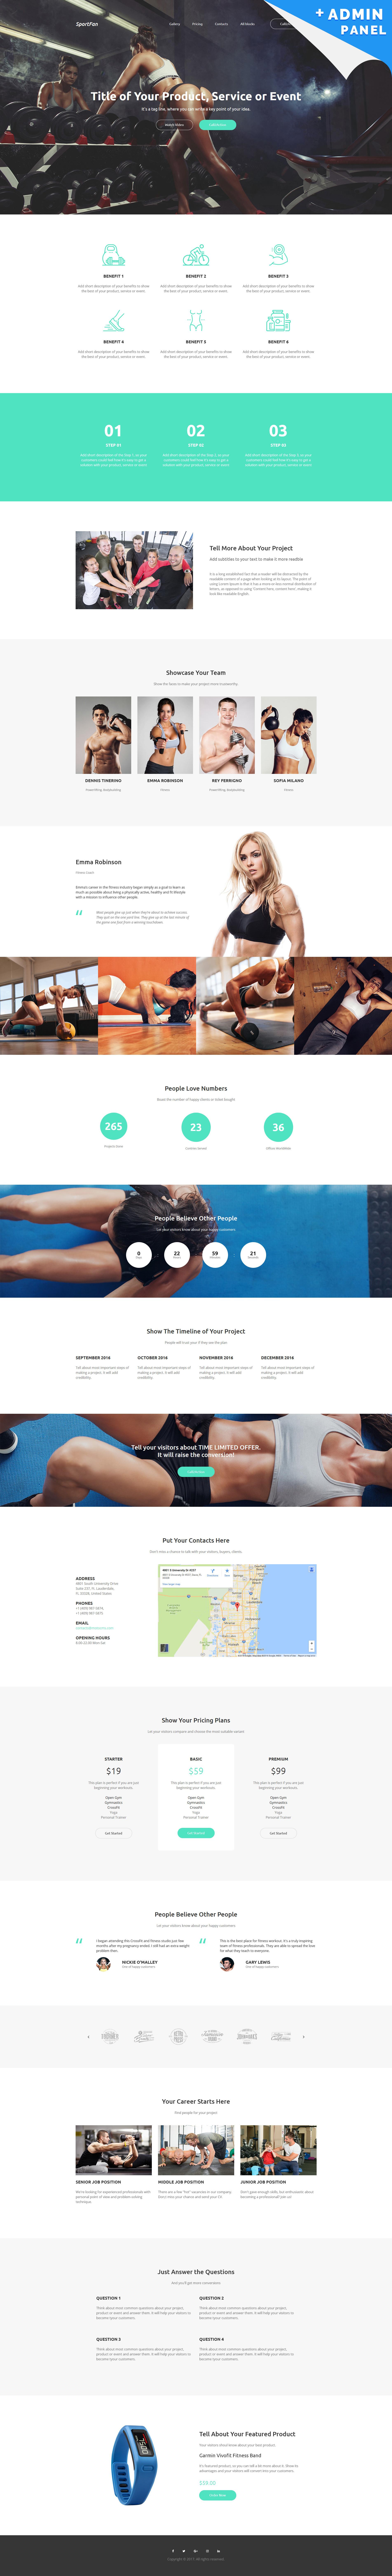 Reszponzív Fitnessz Nyítóoldal sablon 59243 - képernyőkép